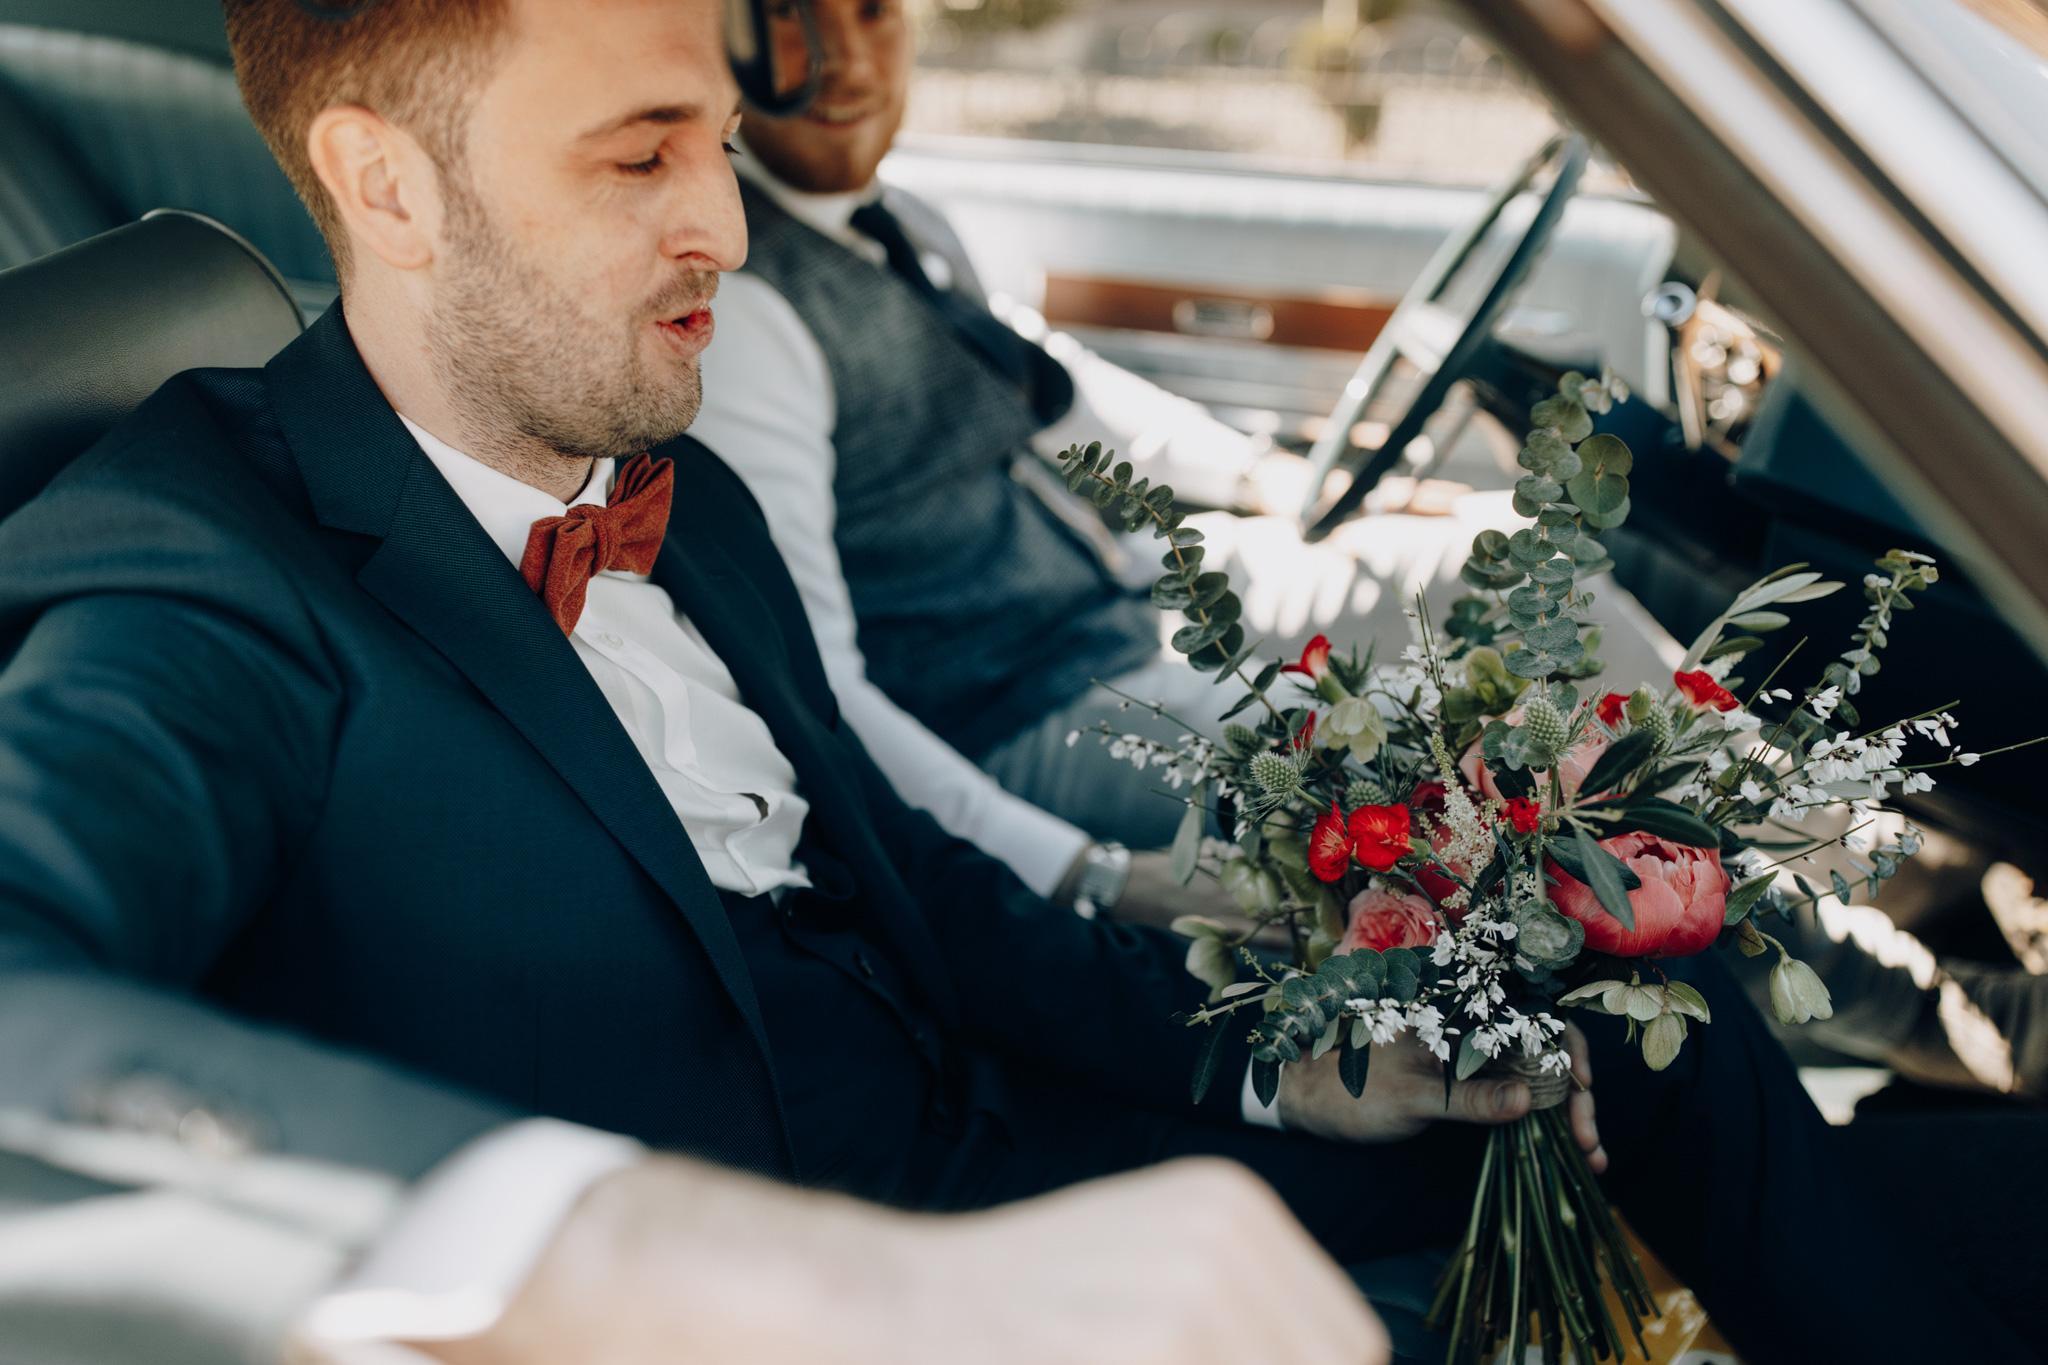 Bruidegom met bruidsboeket in Ford Ltd uit 1969